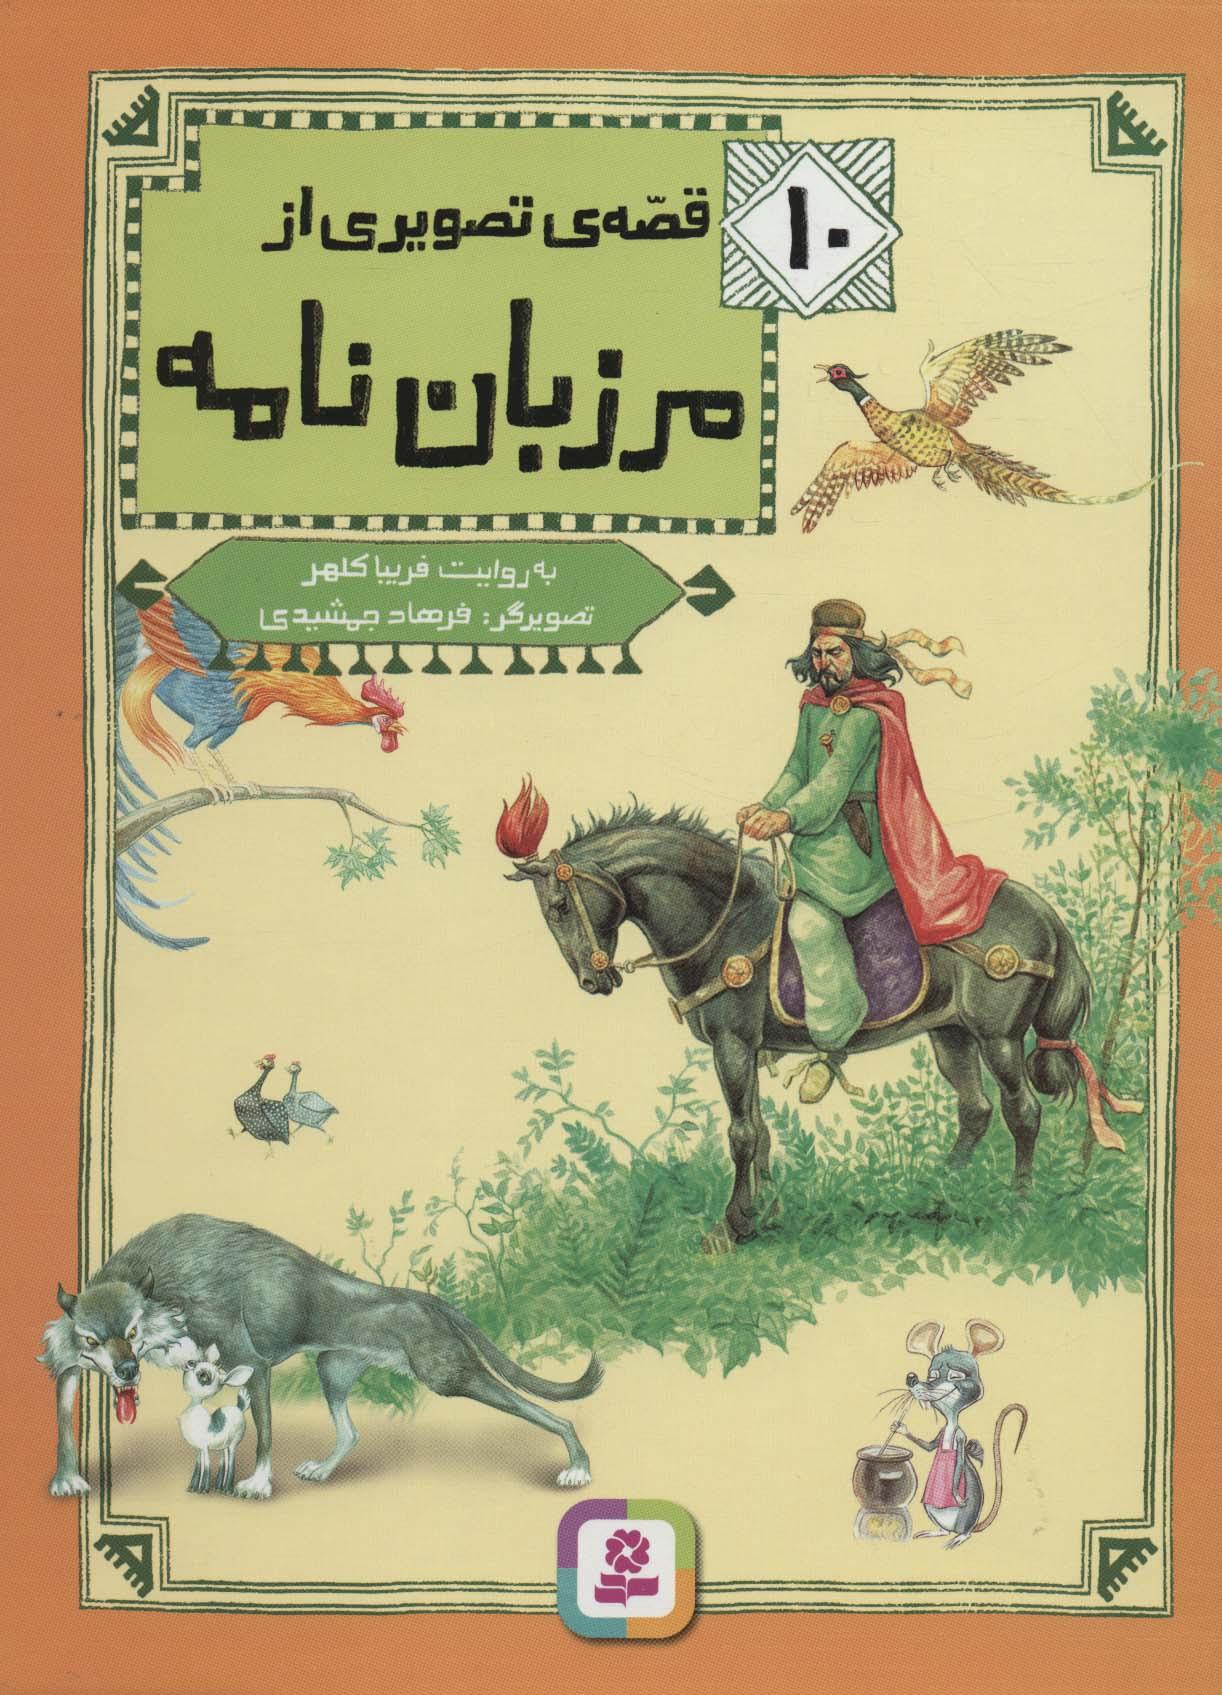 10 قصه ی تصویری از مرزبان نامه (گلاسه)